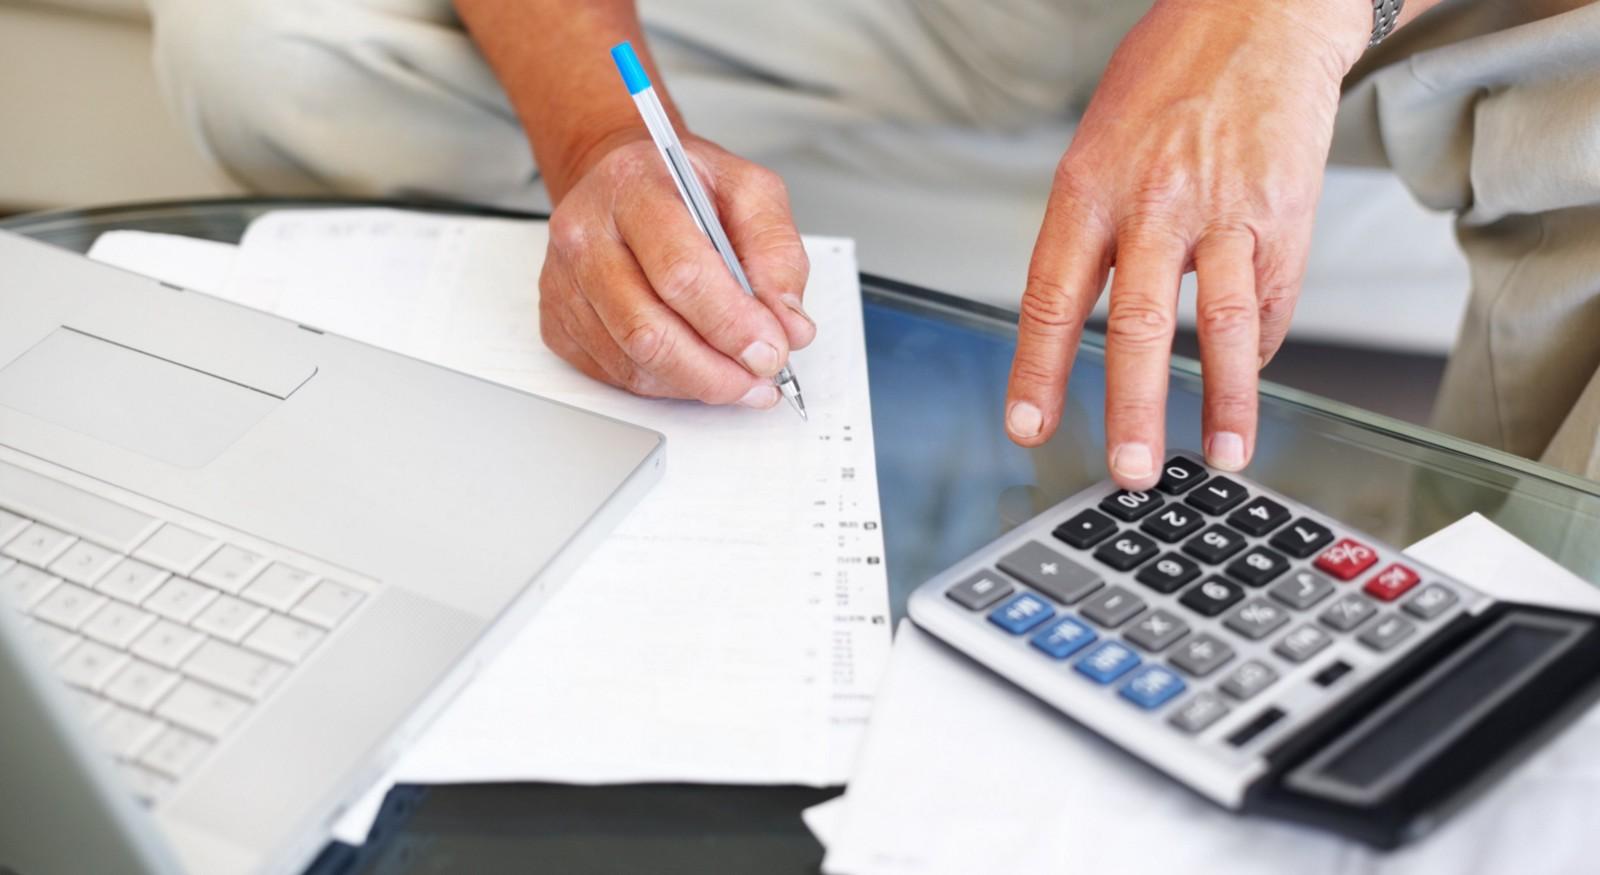 İnternetten Satış Yapanları da İlgilendiren Gelir Vergisi Genel Tebliği Yayımlandı